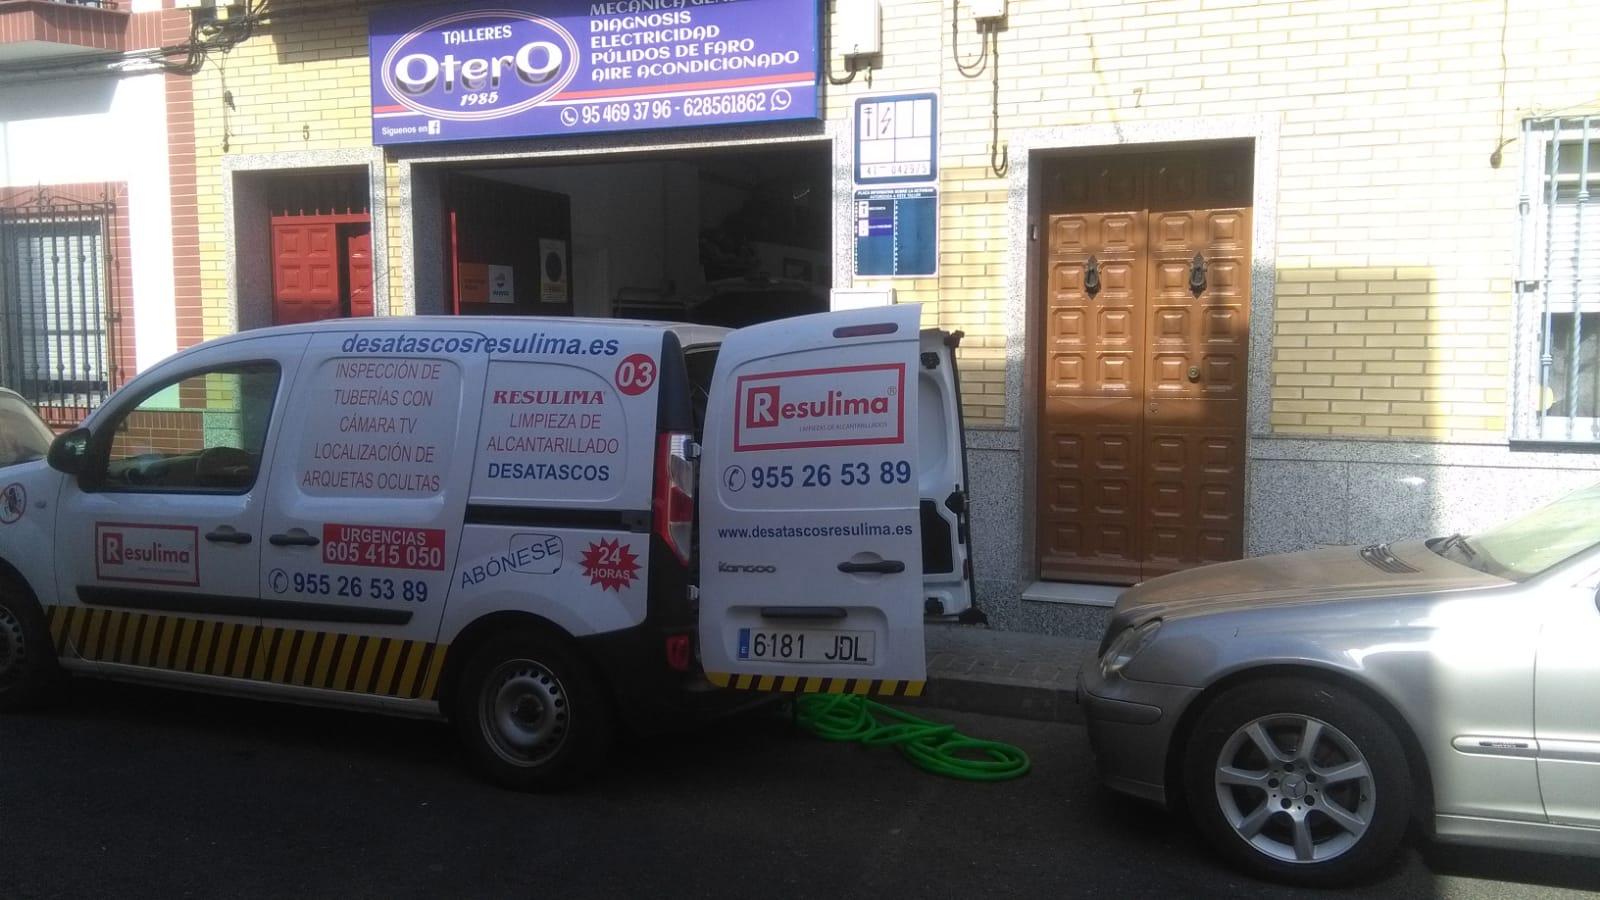 empresa desatascos urgentes Sevilla RESULIMA